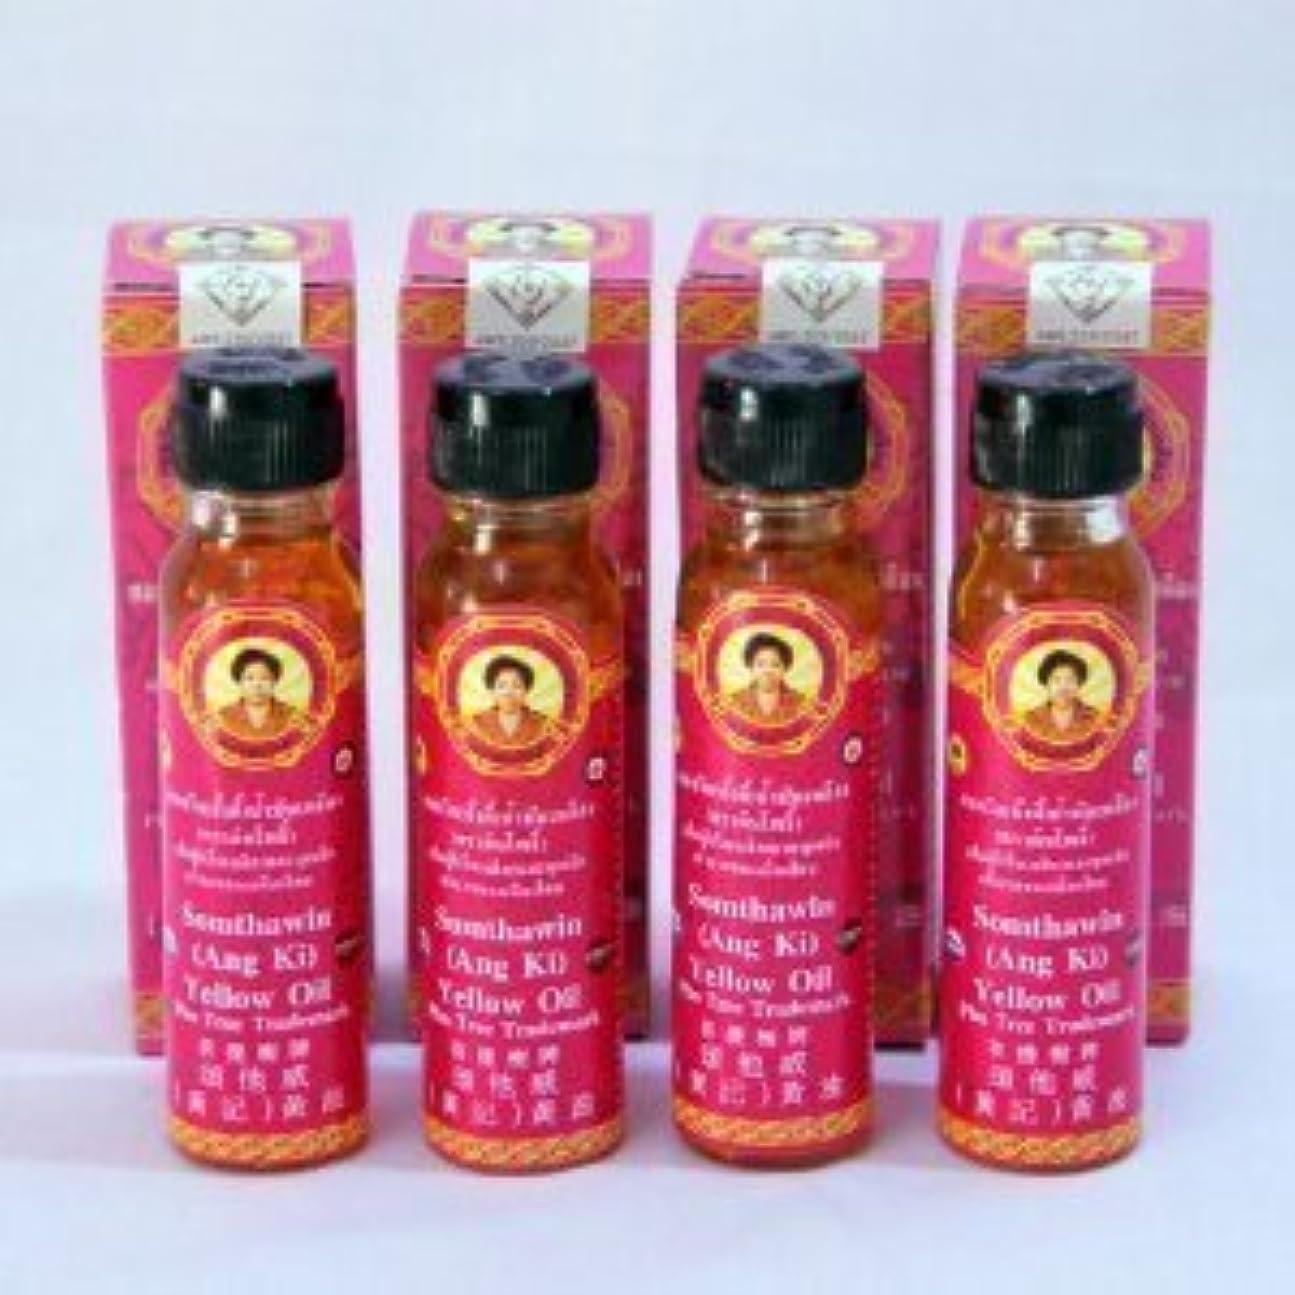 前売スリッパくつろぐ4x Angki Somthawin Hotel Spa Natural Thai Aroma Herb Yellow Oil 24cc Wholesale Price Made of Thailand by Thailand [並行輸入品]